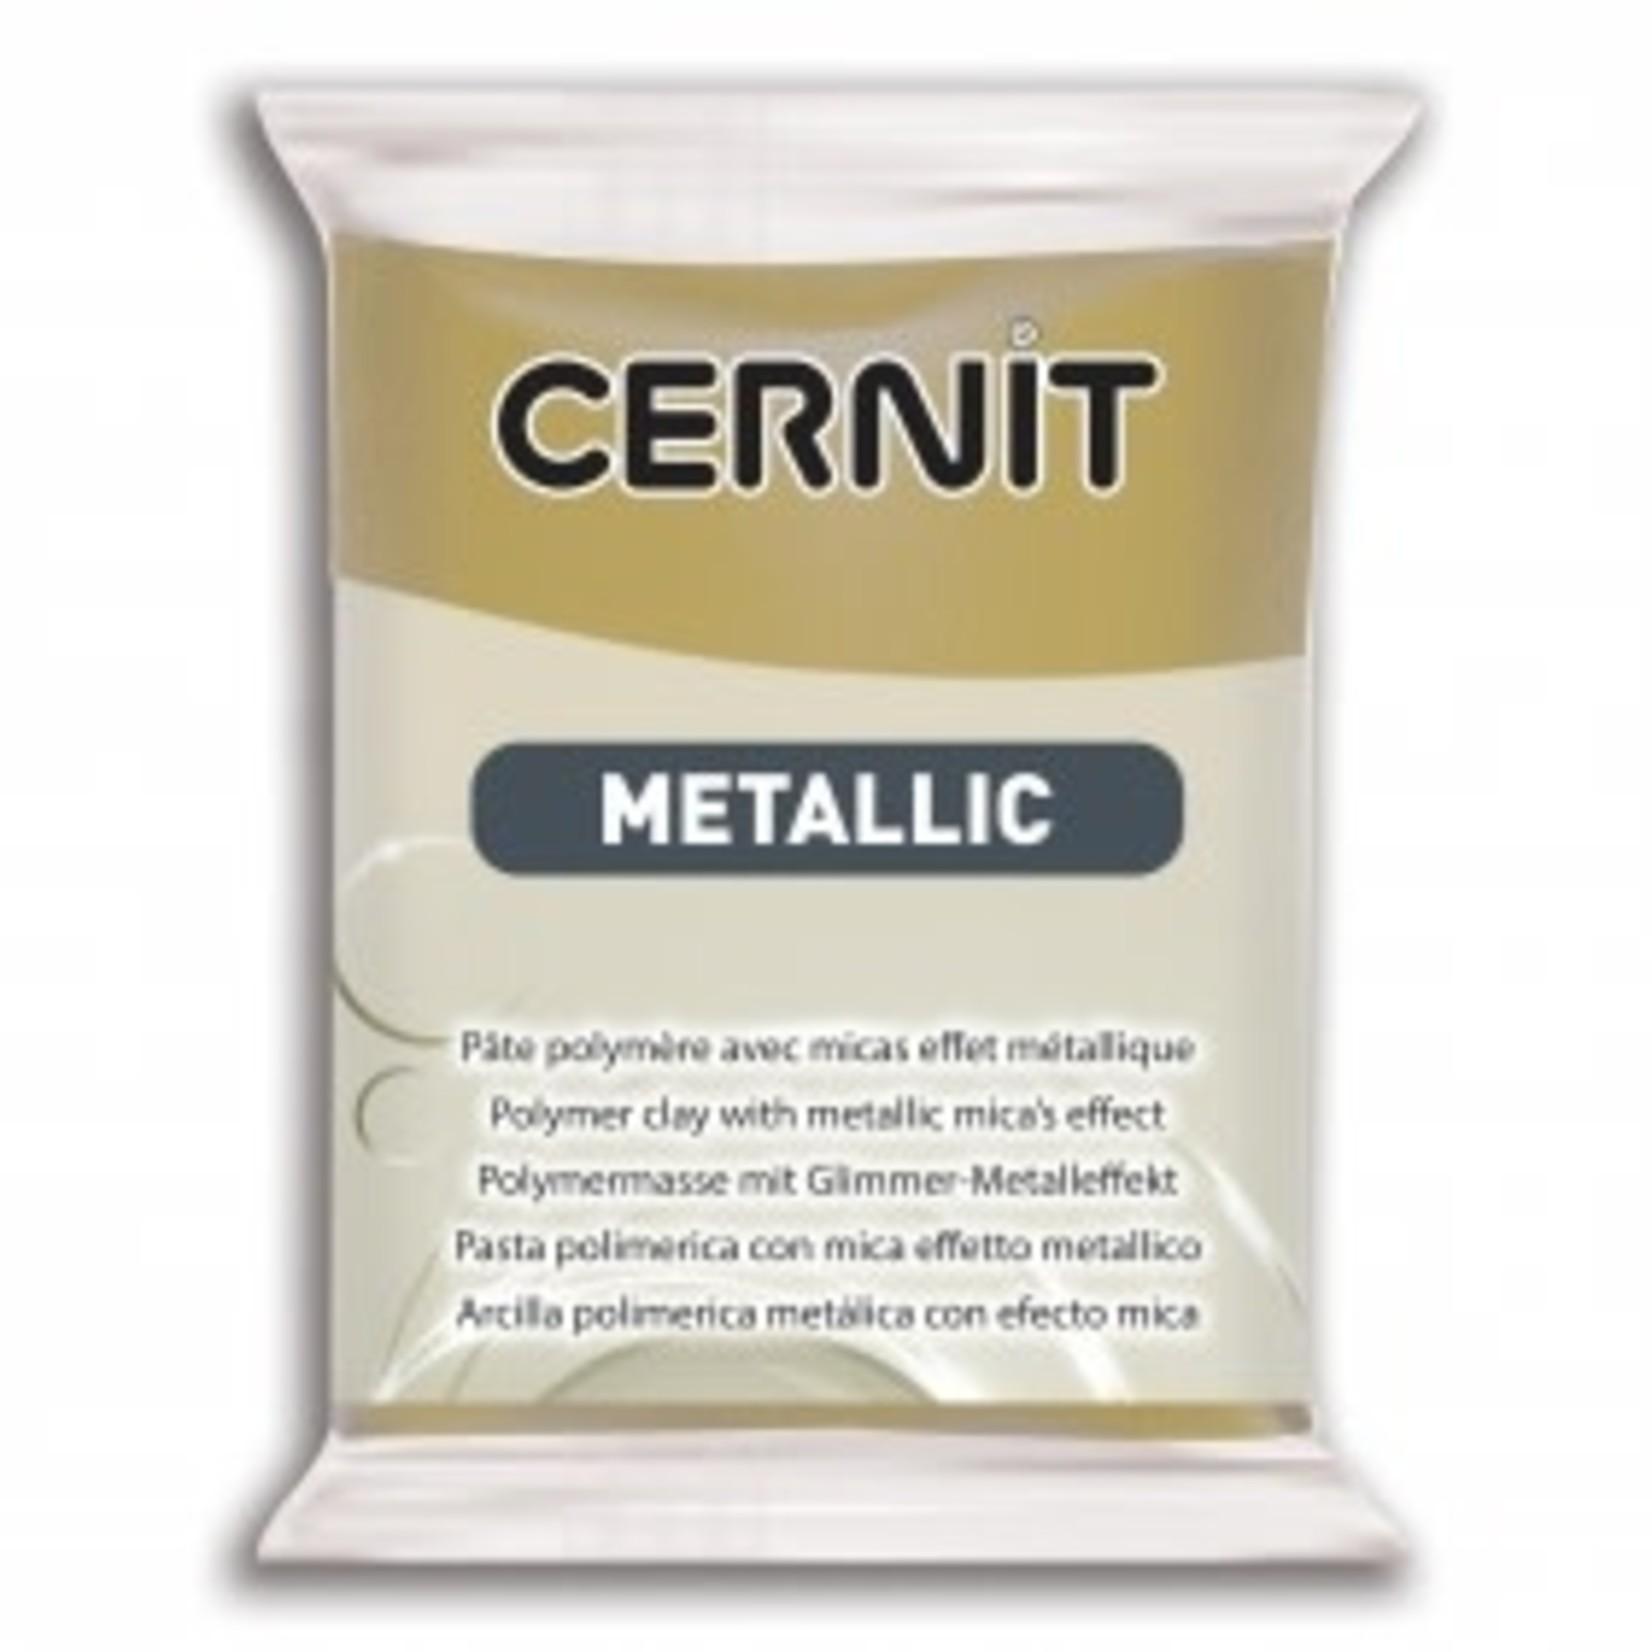 Cernit Cernit Metallic 56g Antique Gold